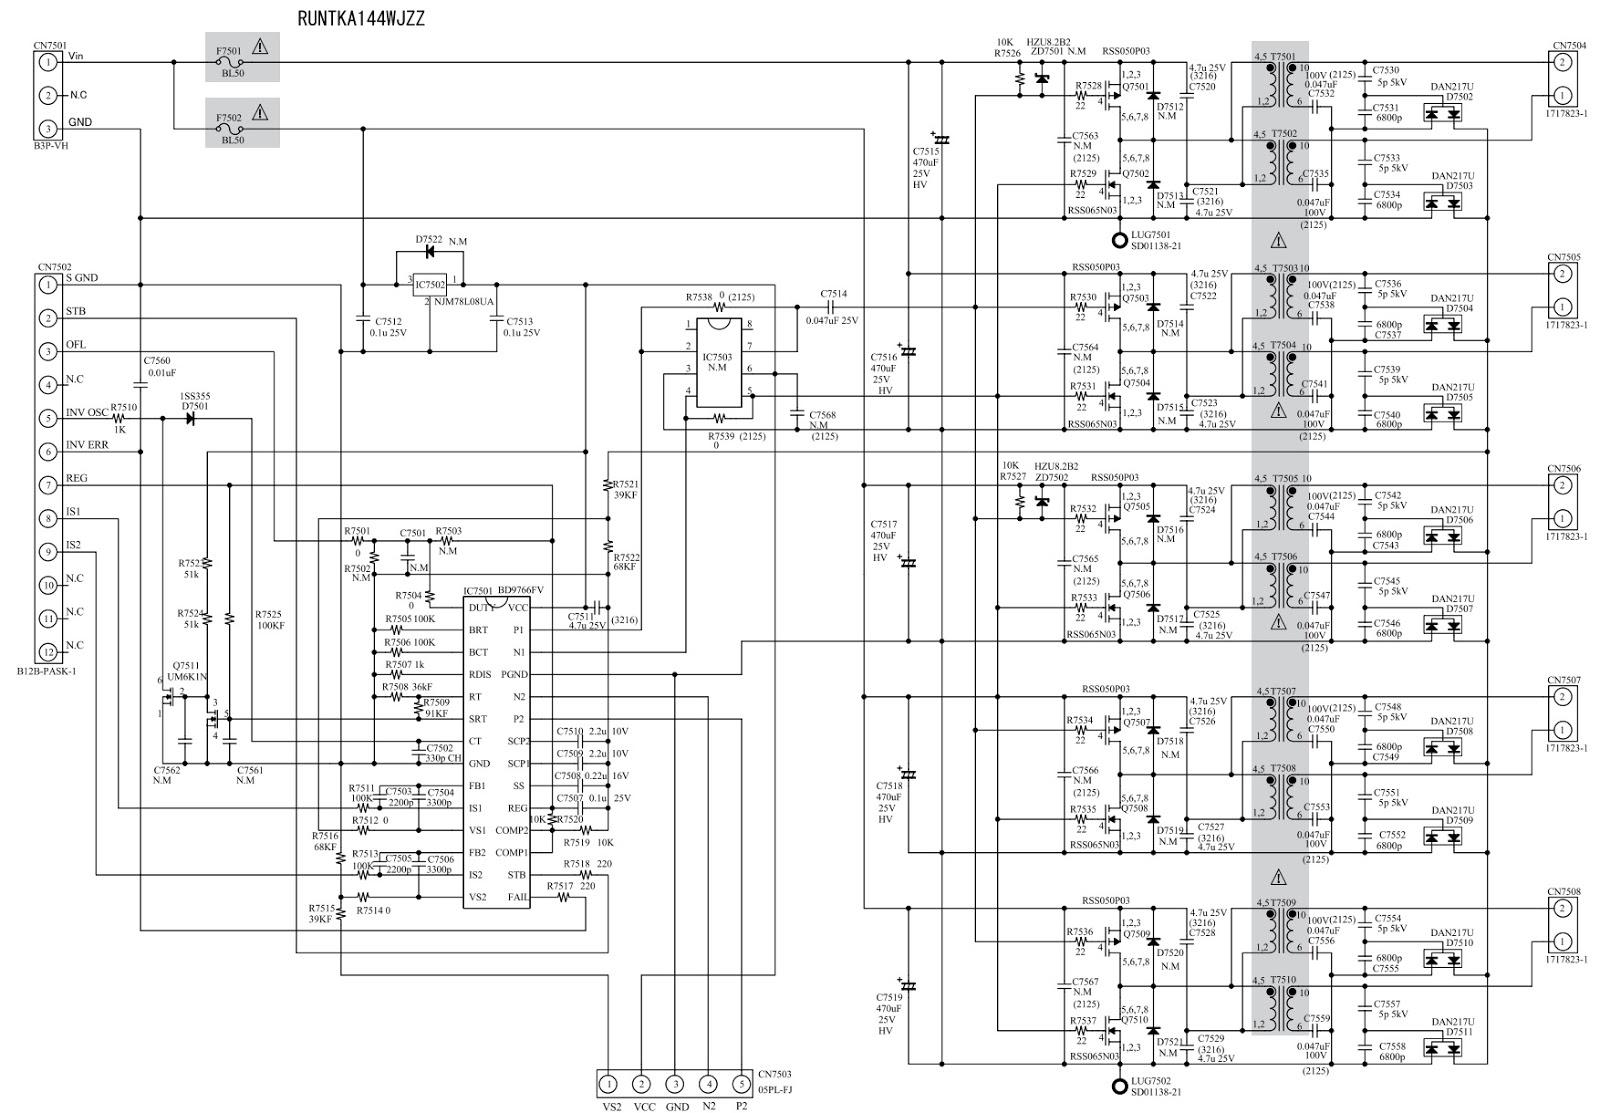 wiring diagram ac sharp inverter free download wiring diagram rh xwiaw us AC Plug Wiring Diagram wiring diagram ac split sharp